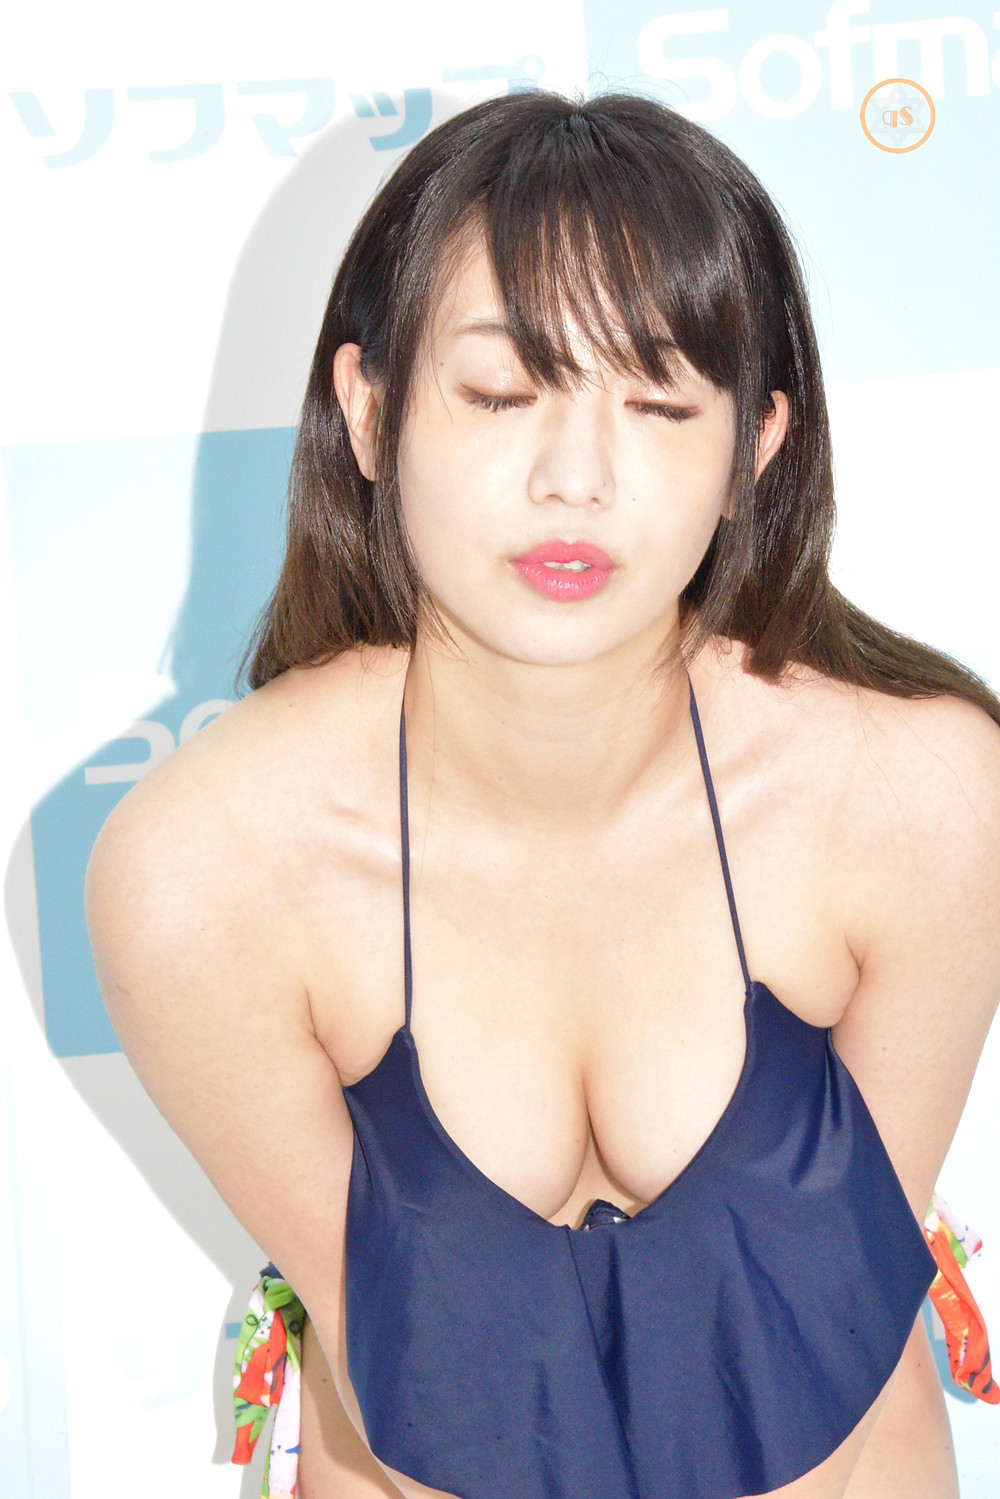 巨乳芸人・高田千尋(ばーん) (1)